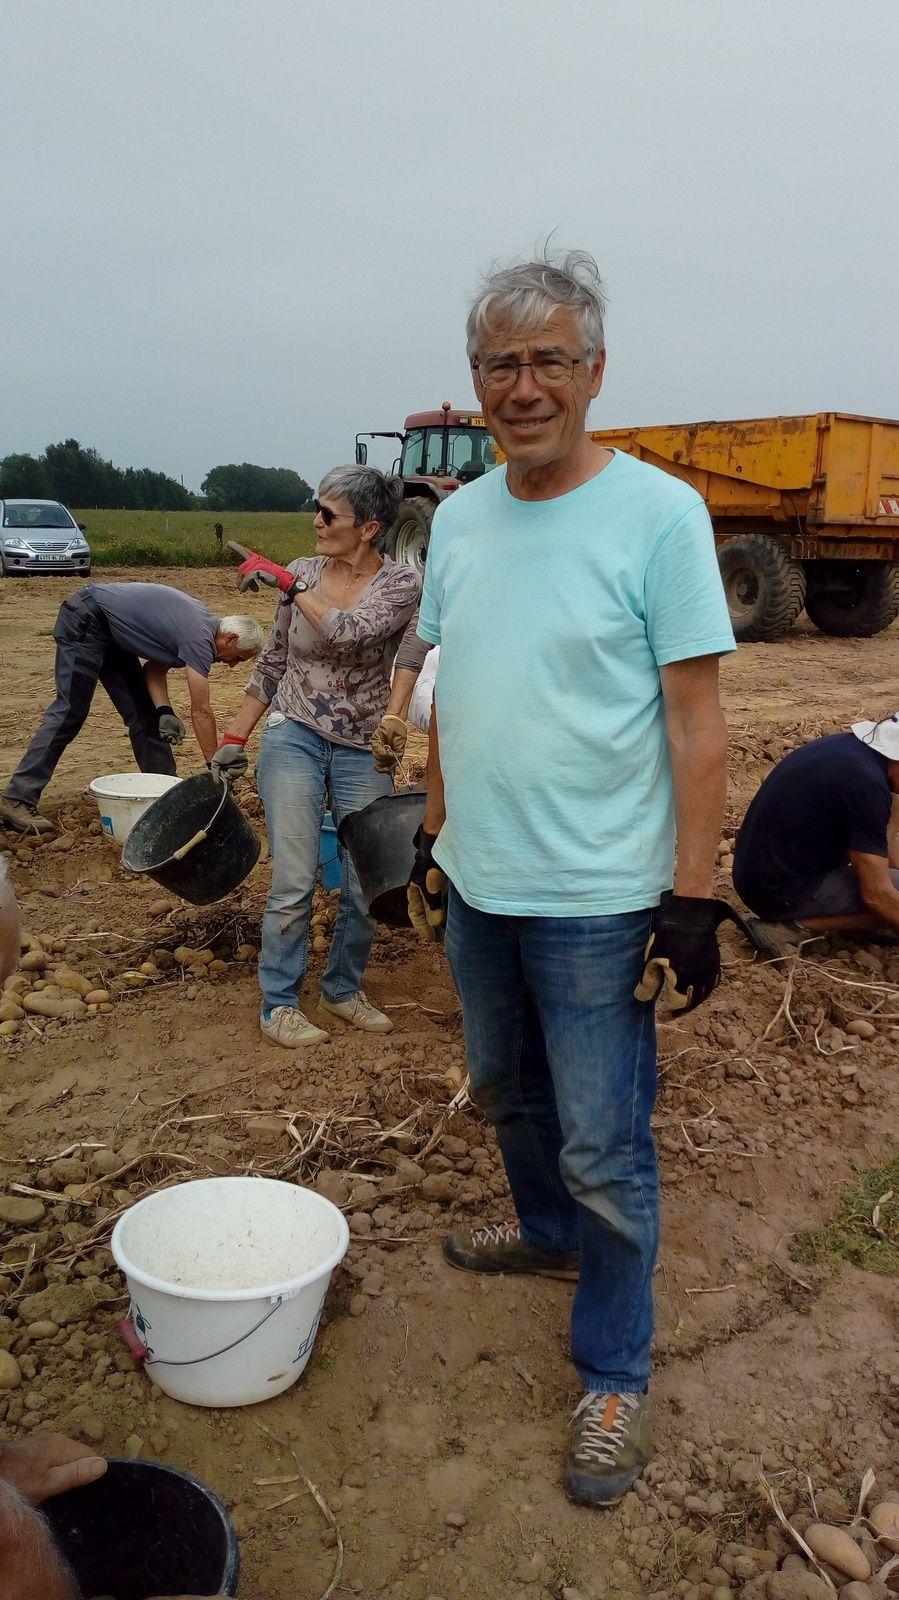 Séance de rattrapage pour le ramassage de pommes de terre ! c'est le 11 septembre